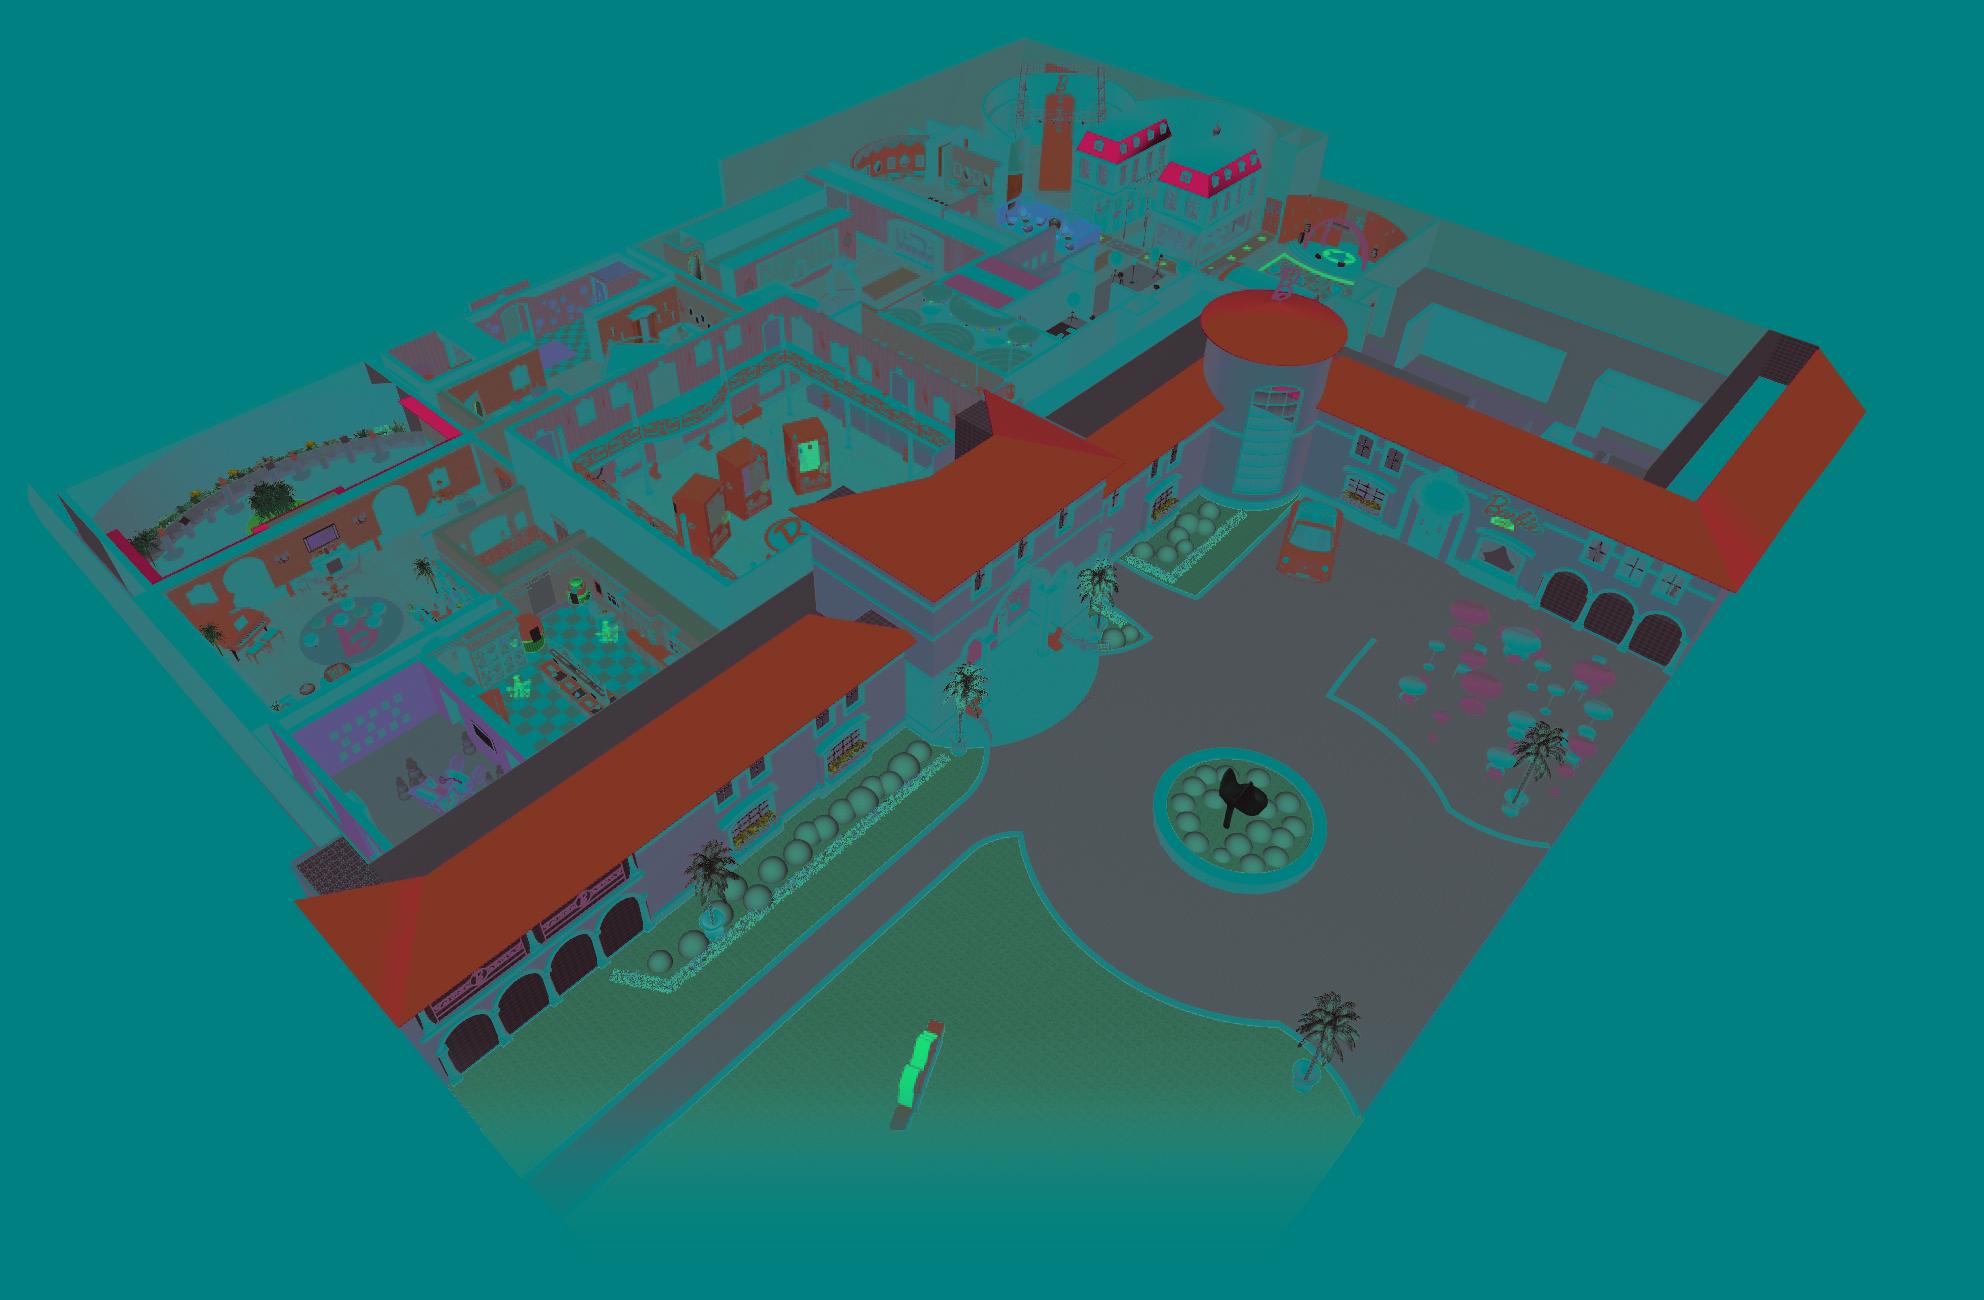 Barbie Dreamhouse Berlin 3D map